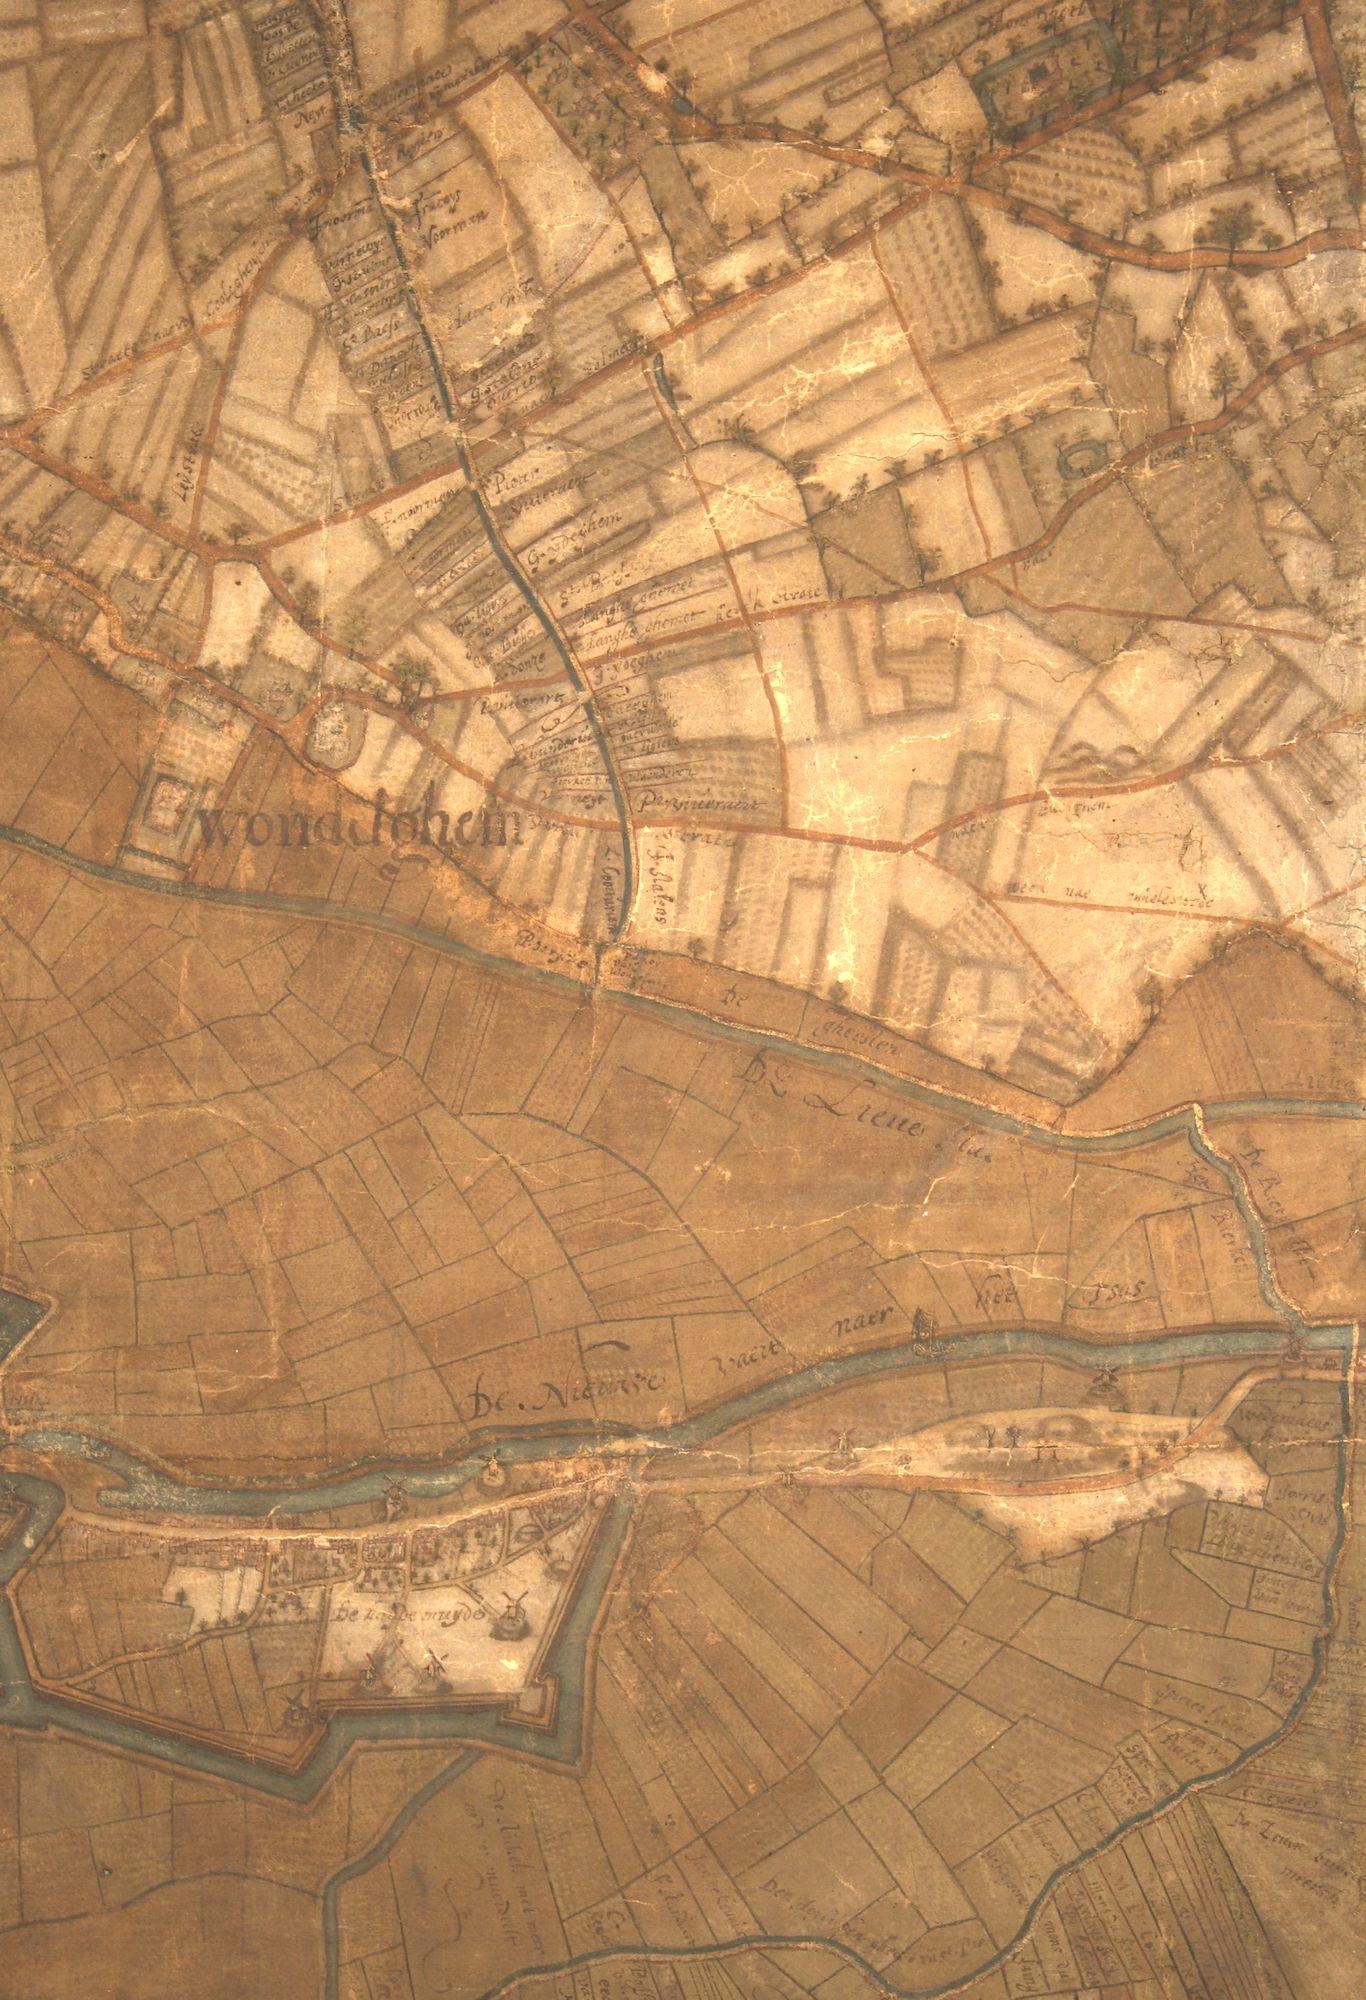 Wondelgem: kaartdeel 02 (X) van de Kaart van Gent en het Vrije van Gent afgebakend door de Rietgracht, Jacques Horenbault, 1619